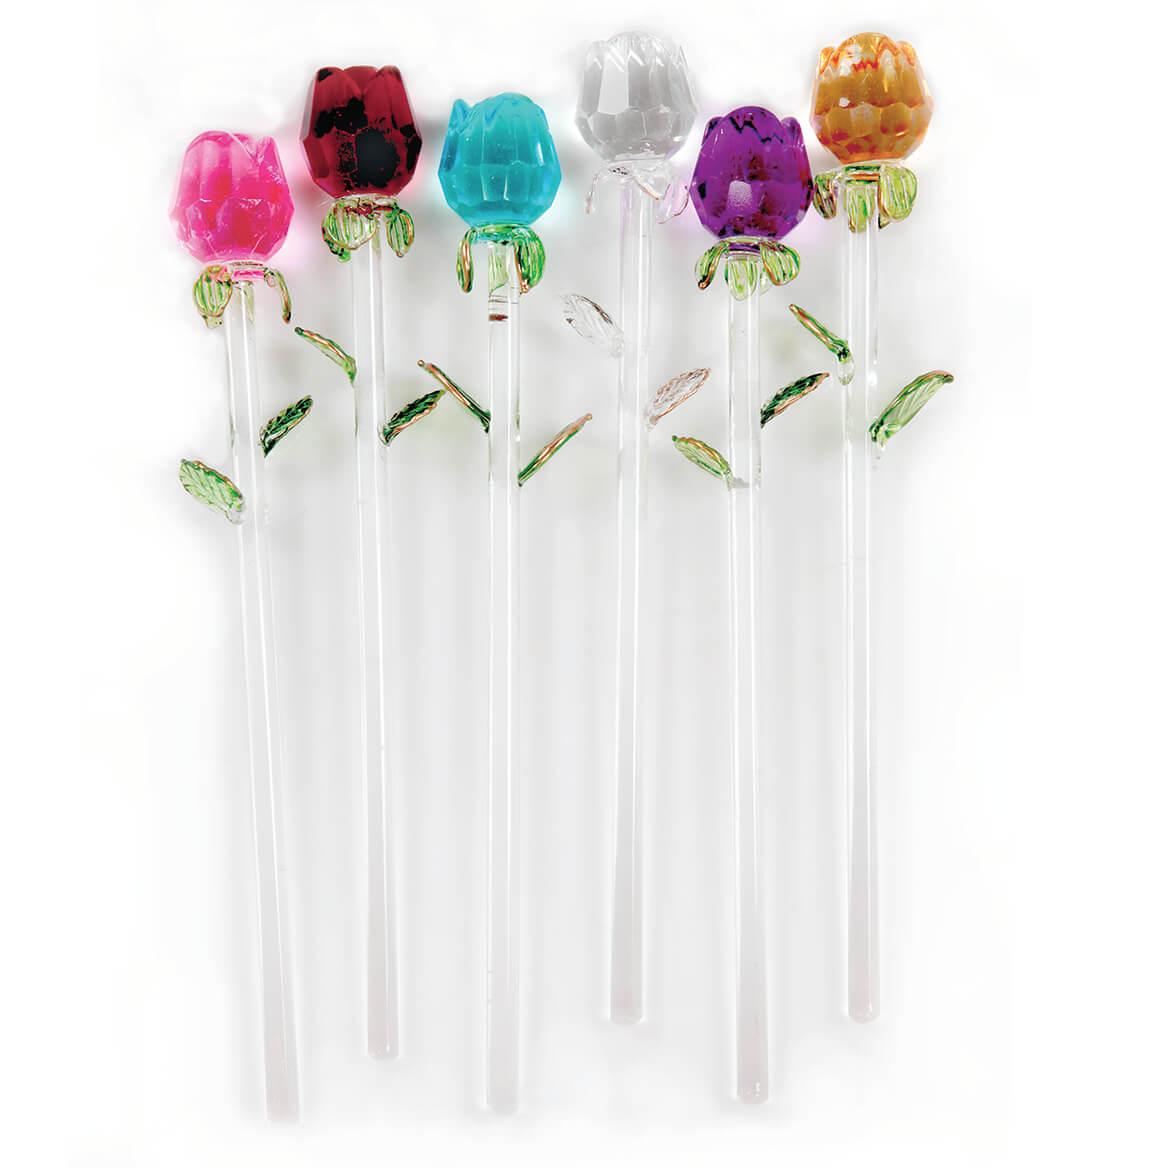 Exquisite Glass Roses S/6-369891